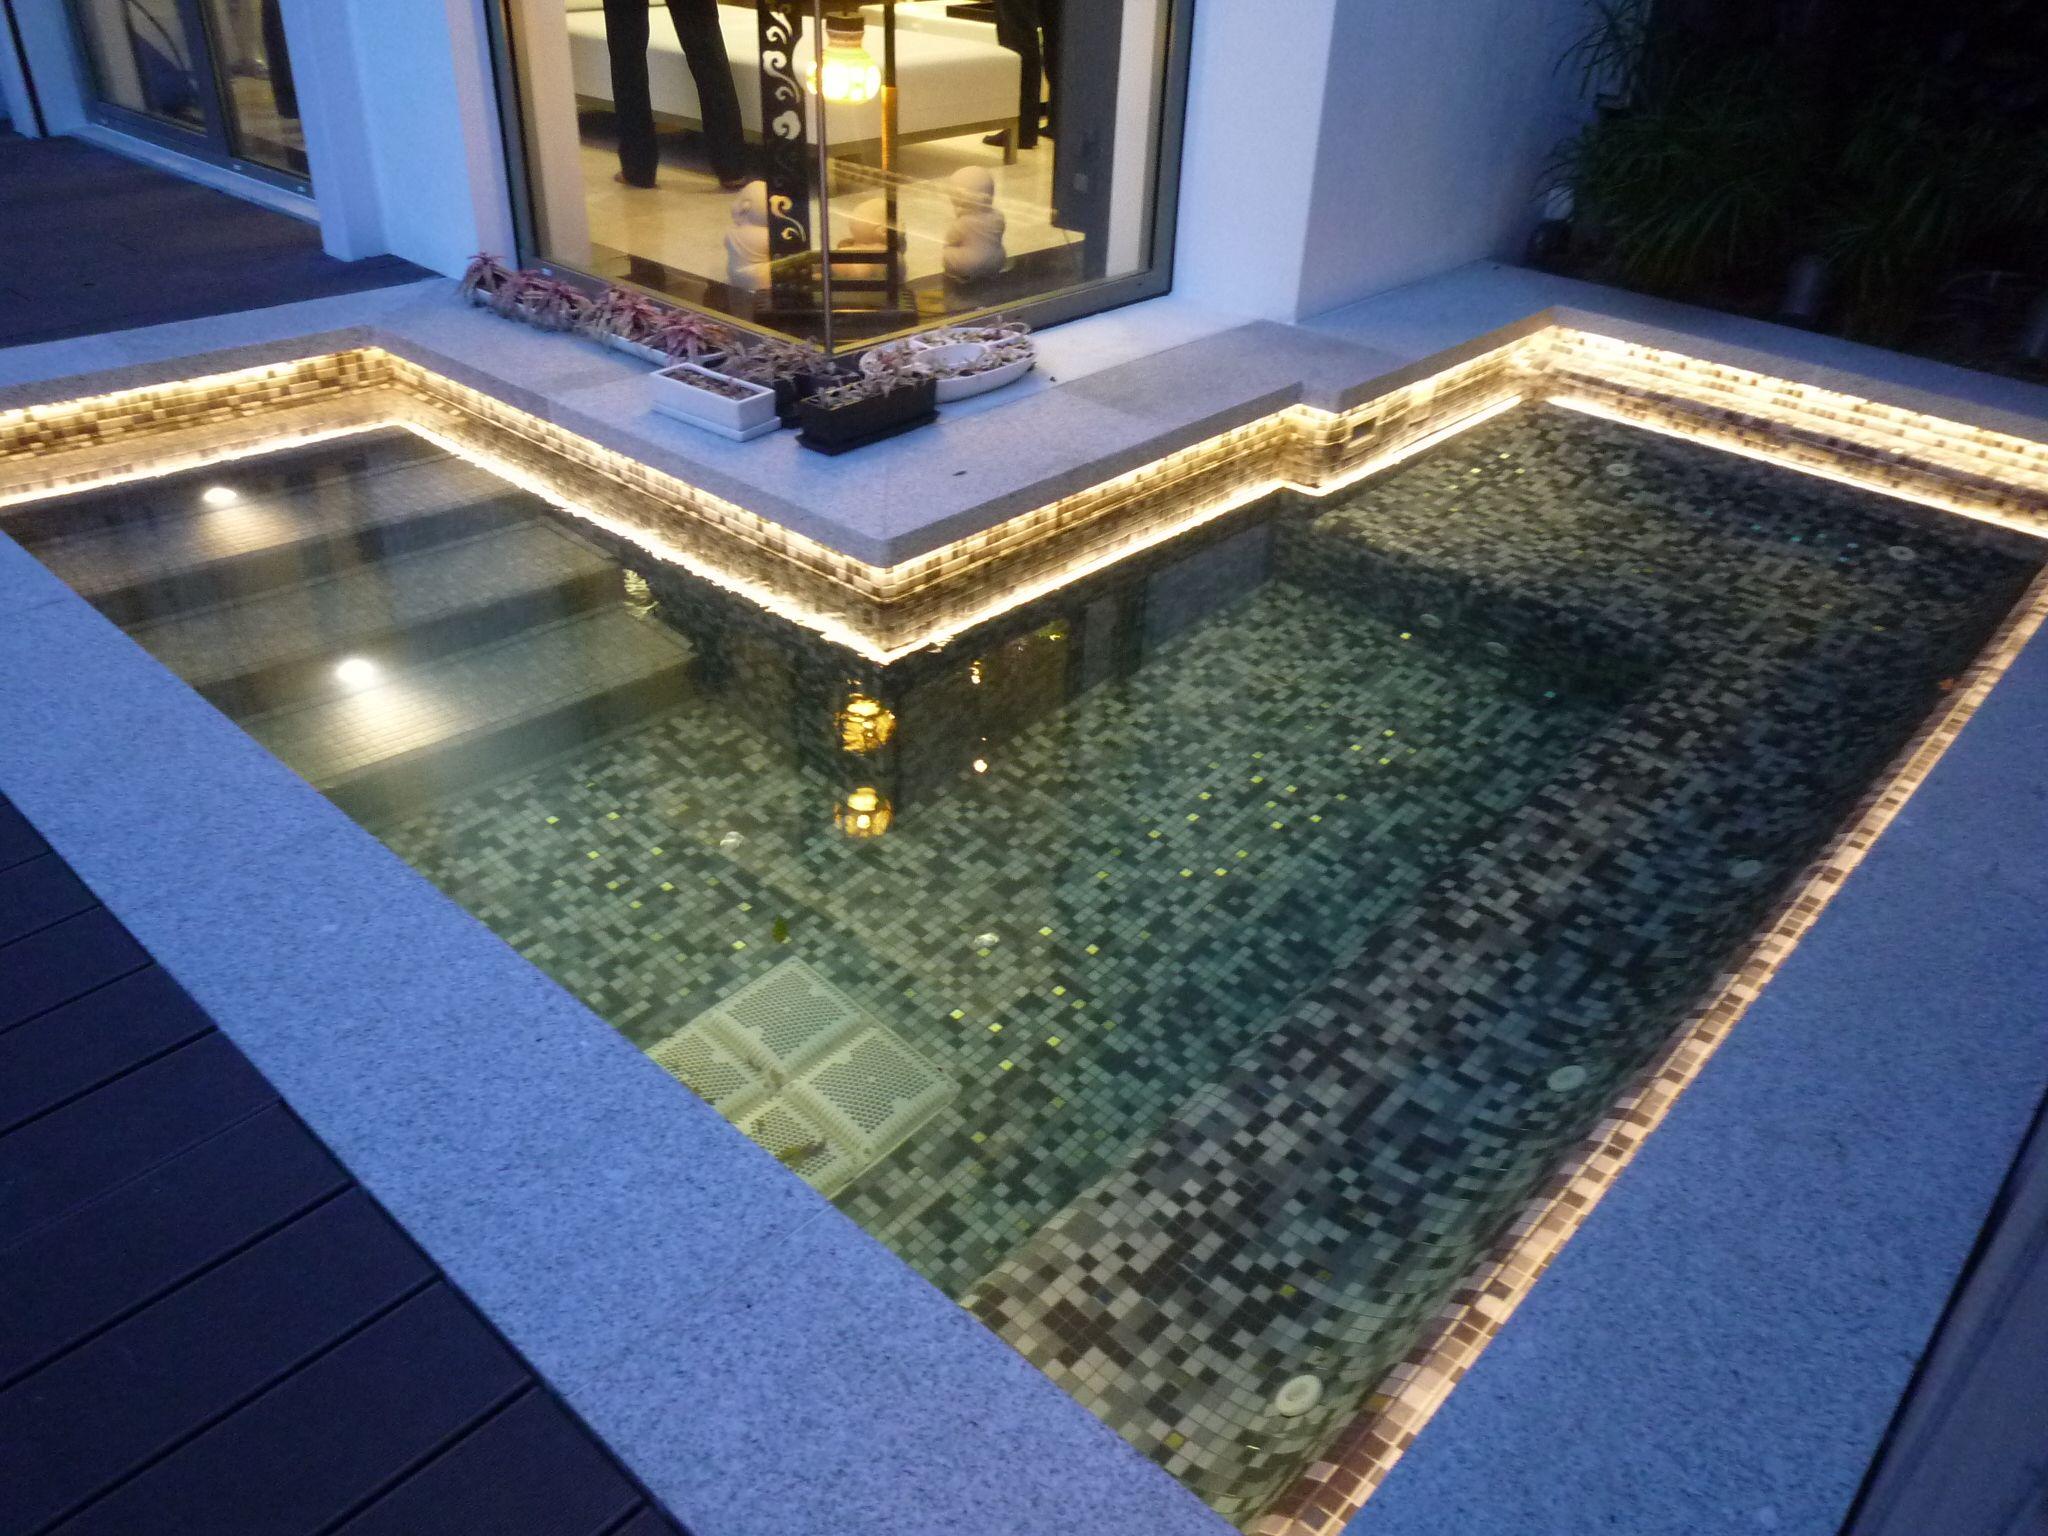 Unterwasser Poolbeleuchtung Mit Wasserdichtem Led Lichtband Ip68 Zertifiziert Chlor Uv Salzwass Pool Beleuchtung Poolbeleuchtung Led Unterwasserbeleuchtung